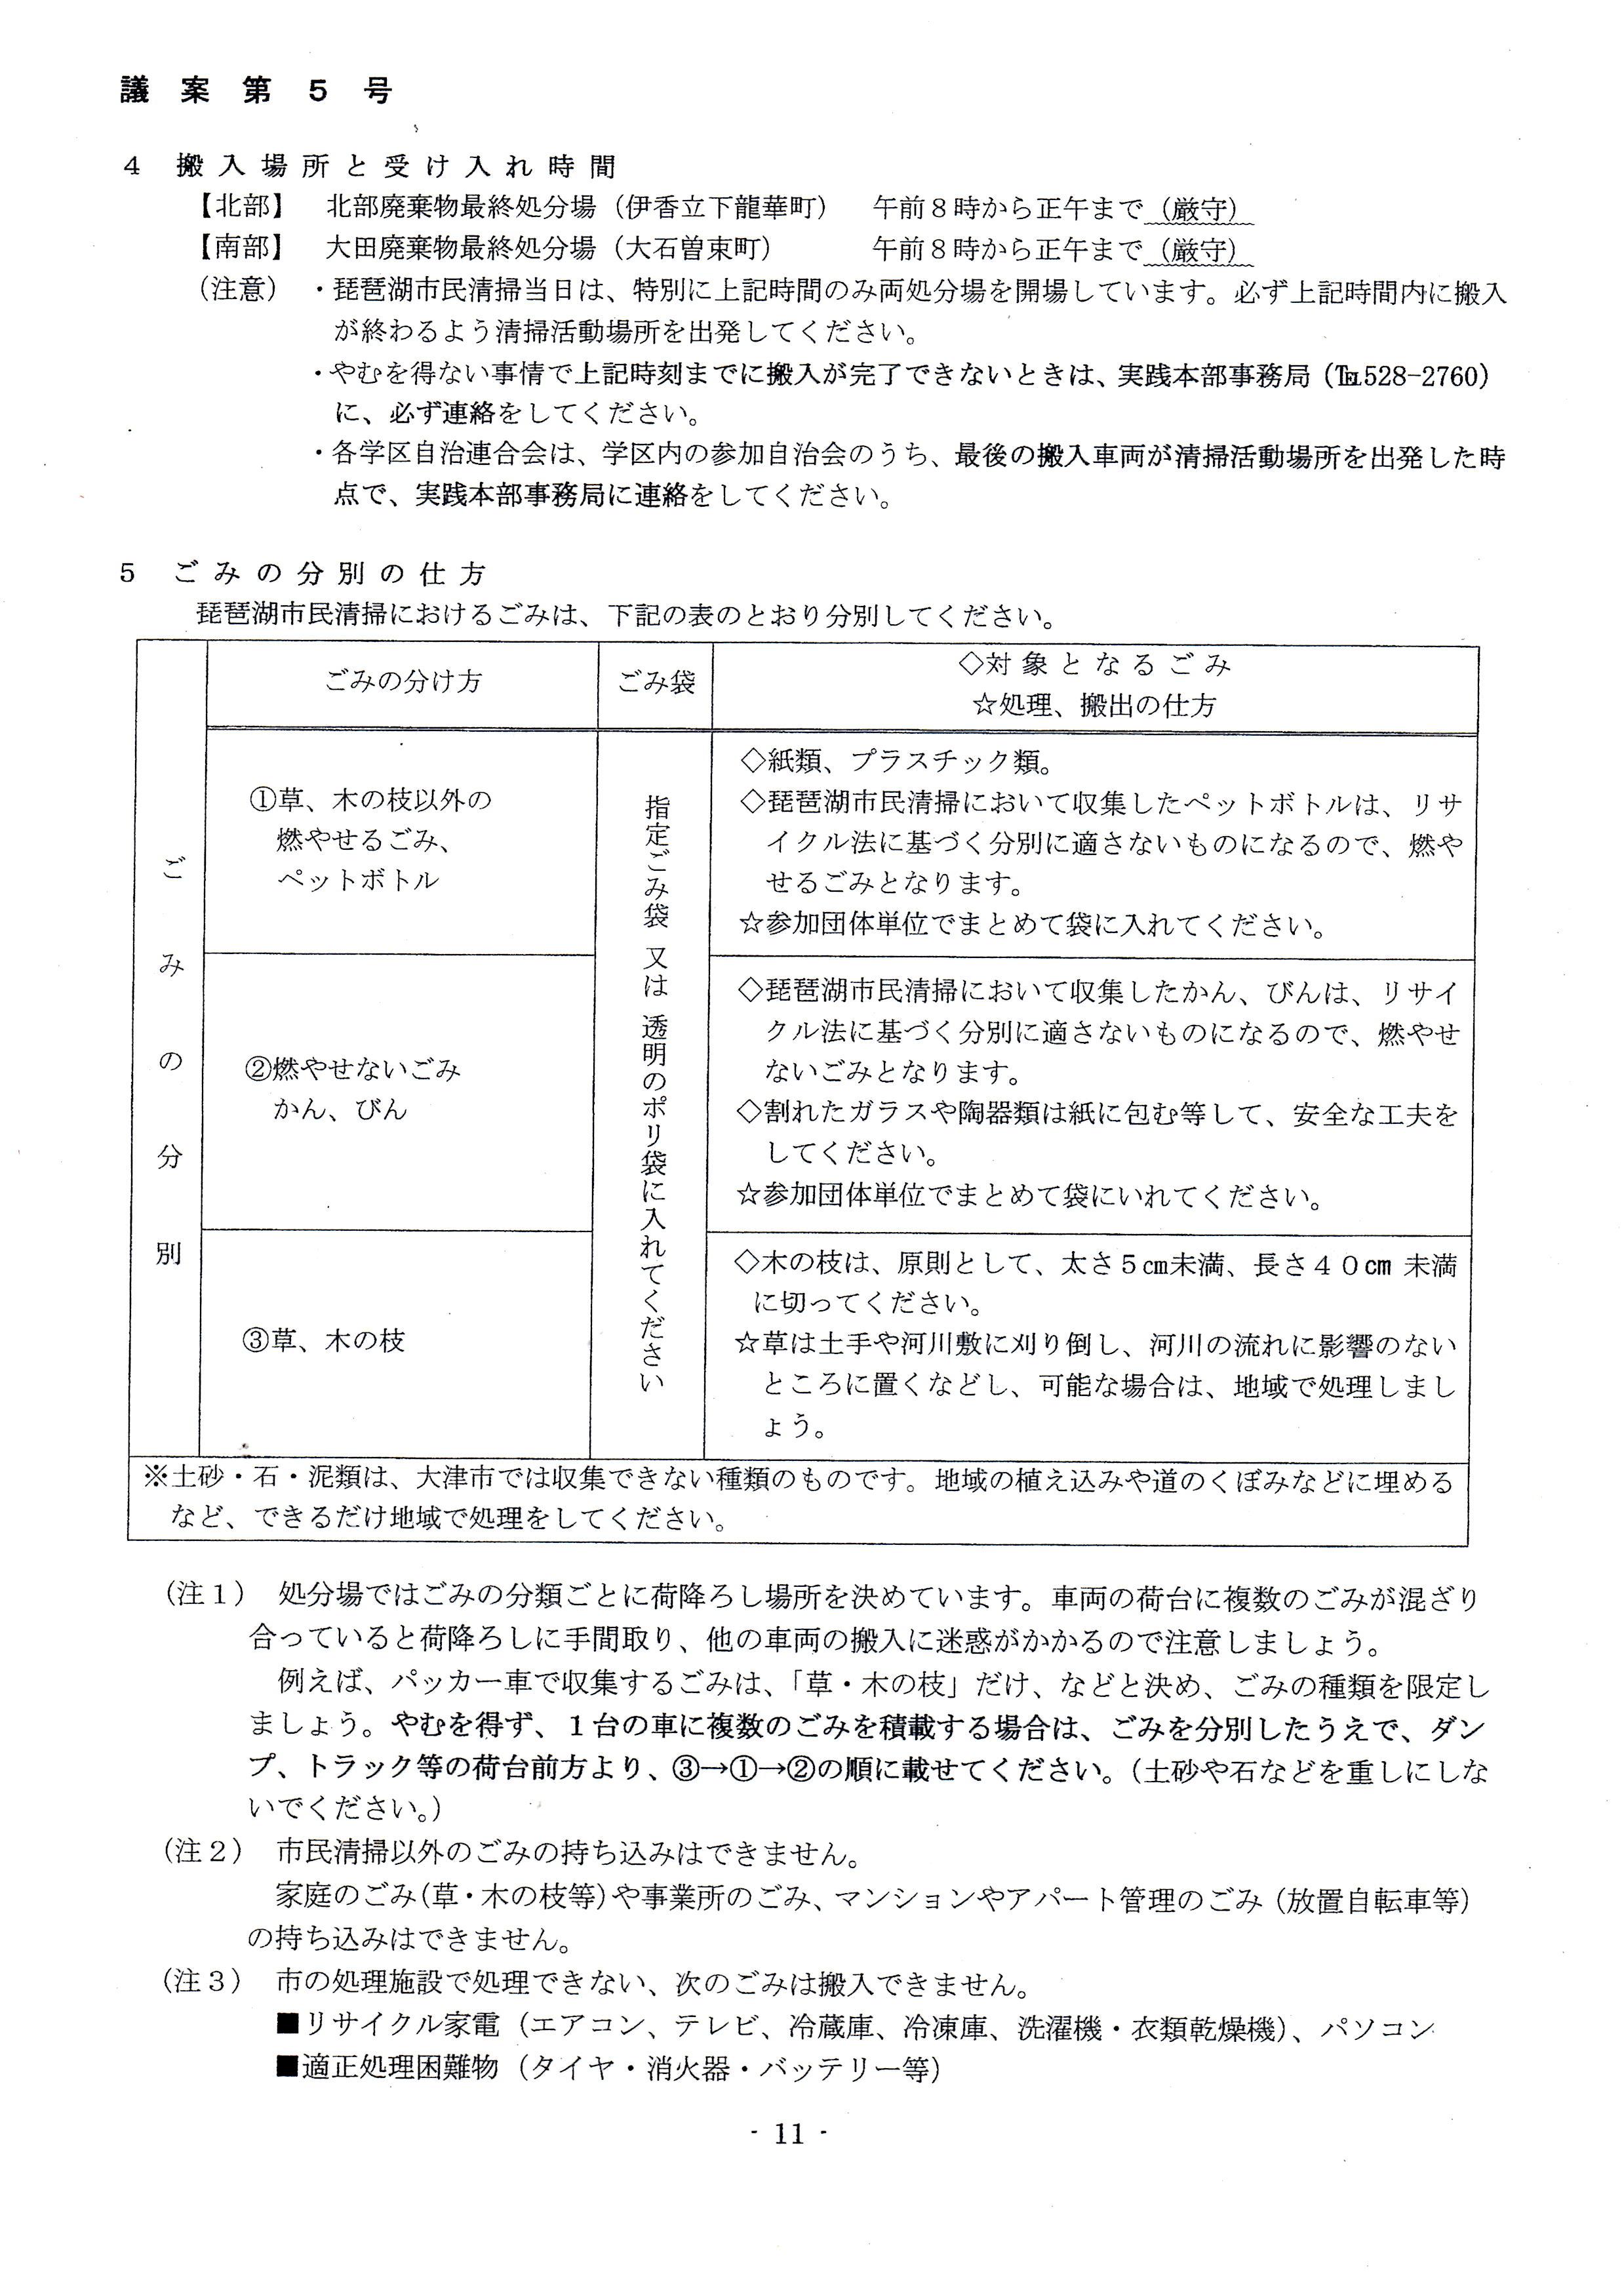 平成27年琵琶湖市民清掃実施要綱